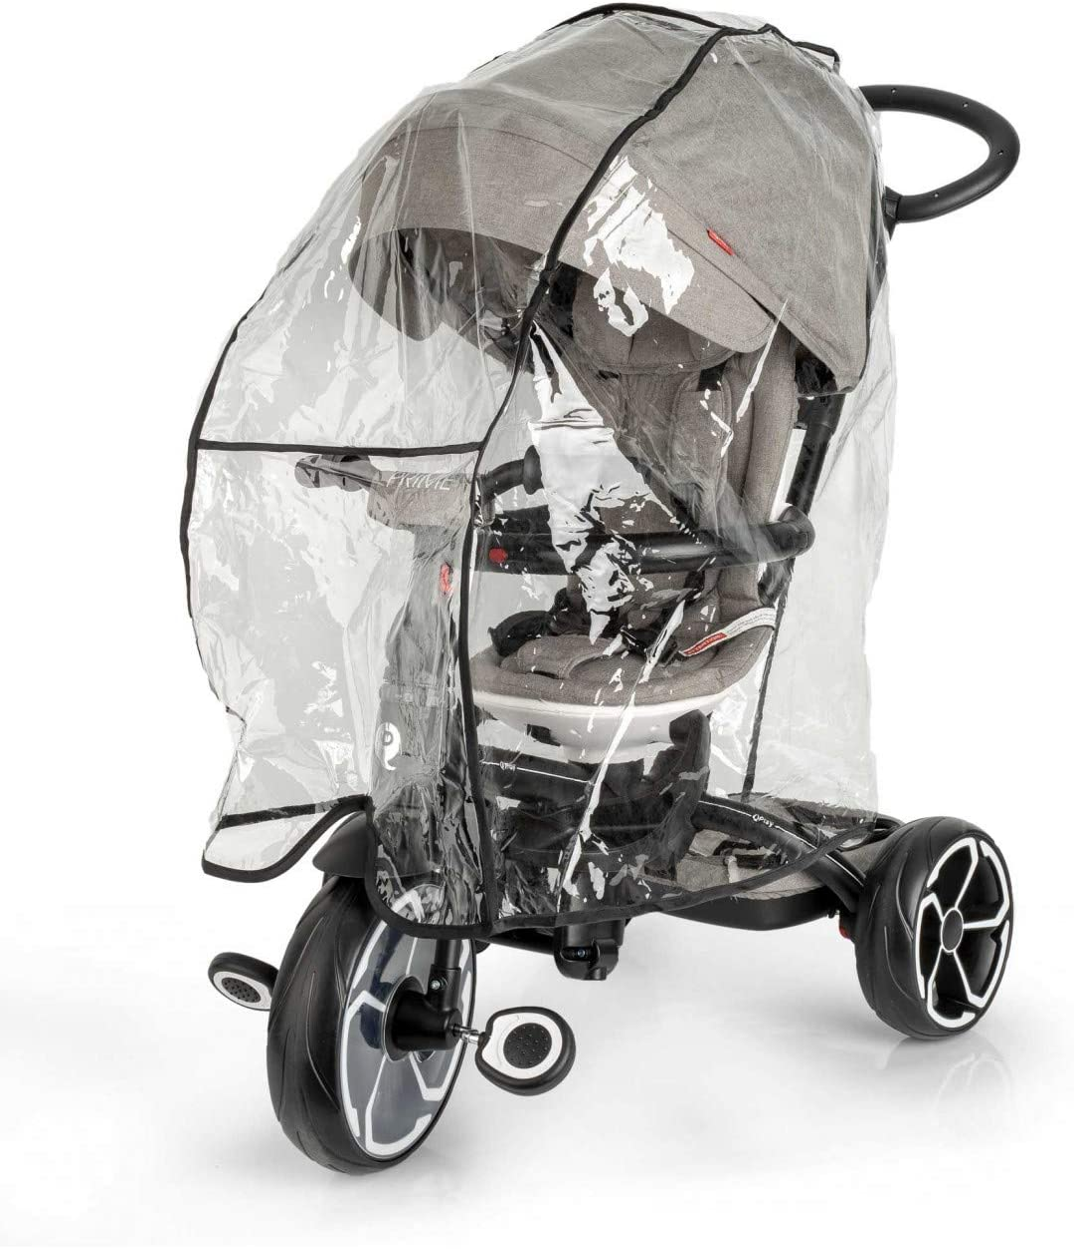 Negro Antirrobo Candado Moto 6mm Bloqueo de Freno de Disco de Seguridad para Motos Motocicletas Bicicletas Cerradura antirrobo del Rotor del Disco Pesado con Caja y 2 Llaves Candado de Disco